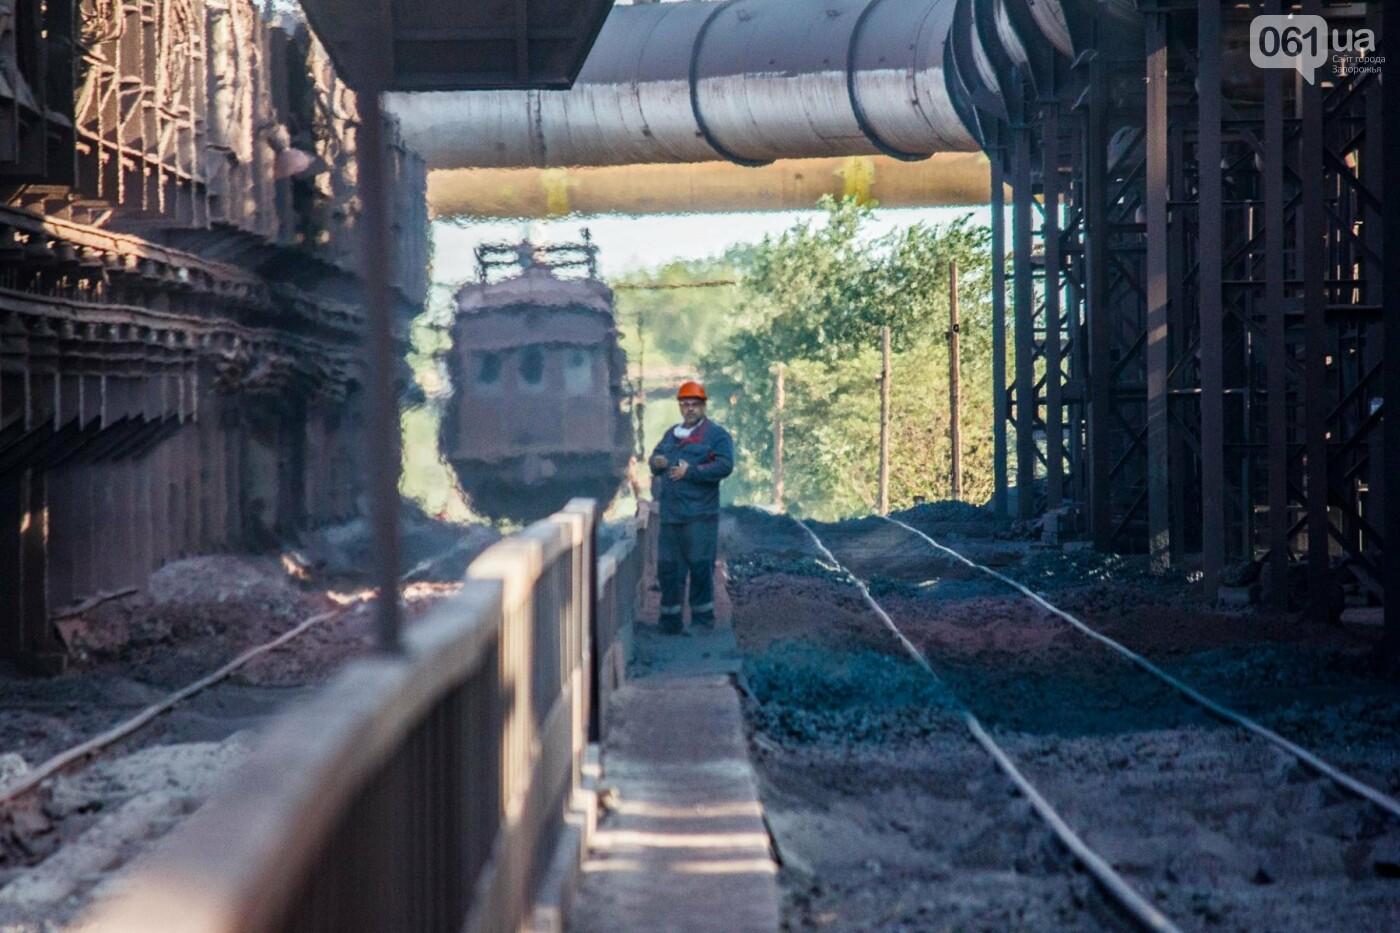 Как на «Запорожстали» железную руду превращают в сталь: экскурсия на производство, — ФОТОРЕПОРТАЖ, фото-5